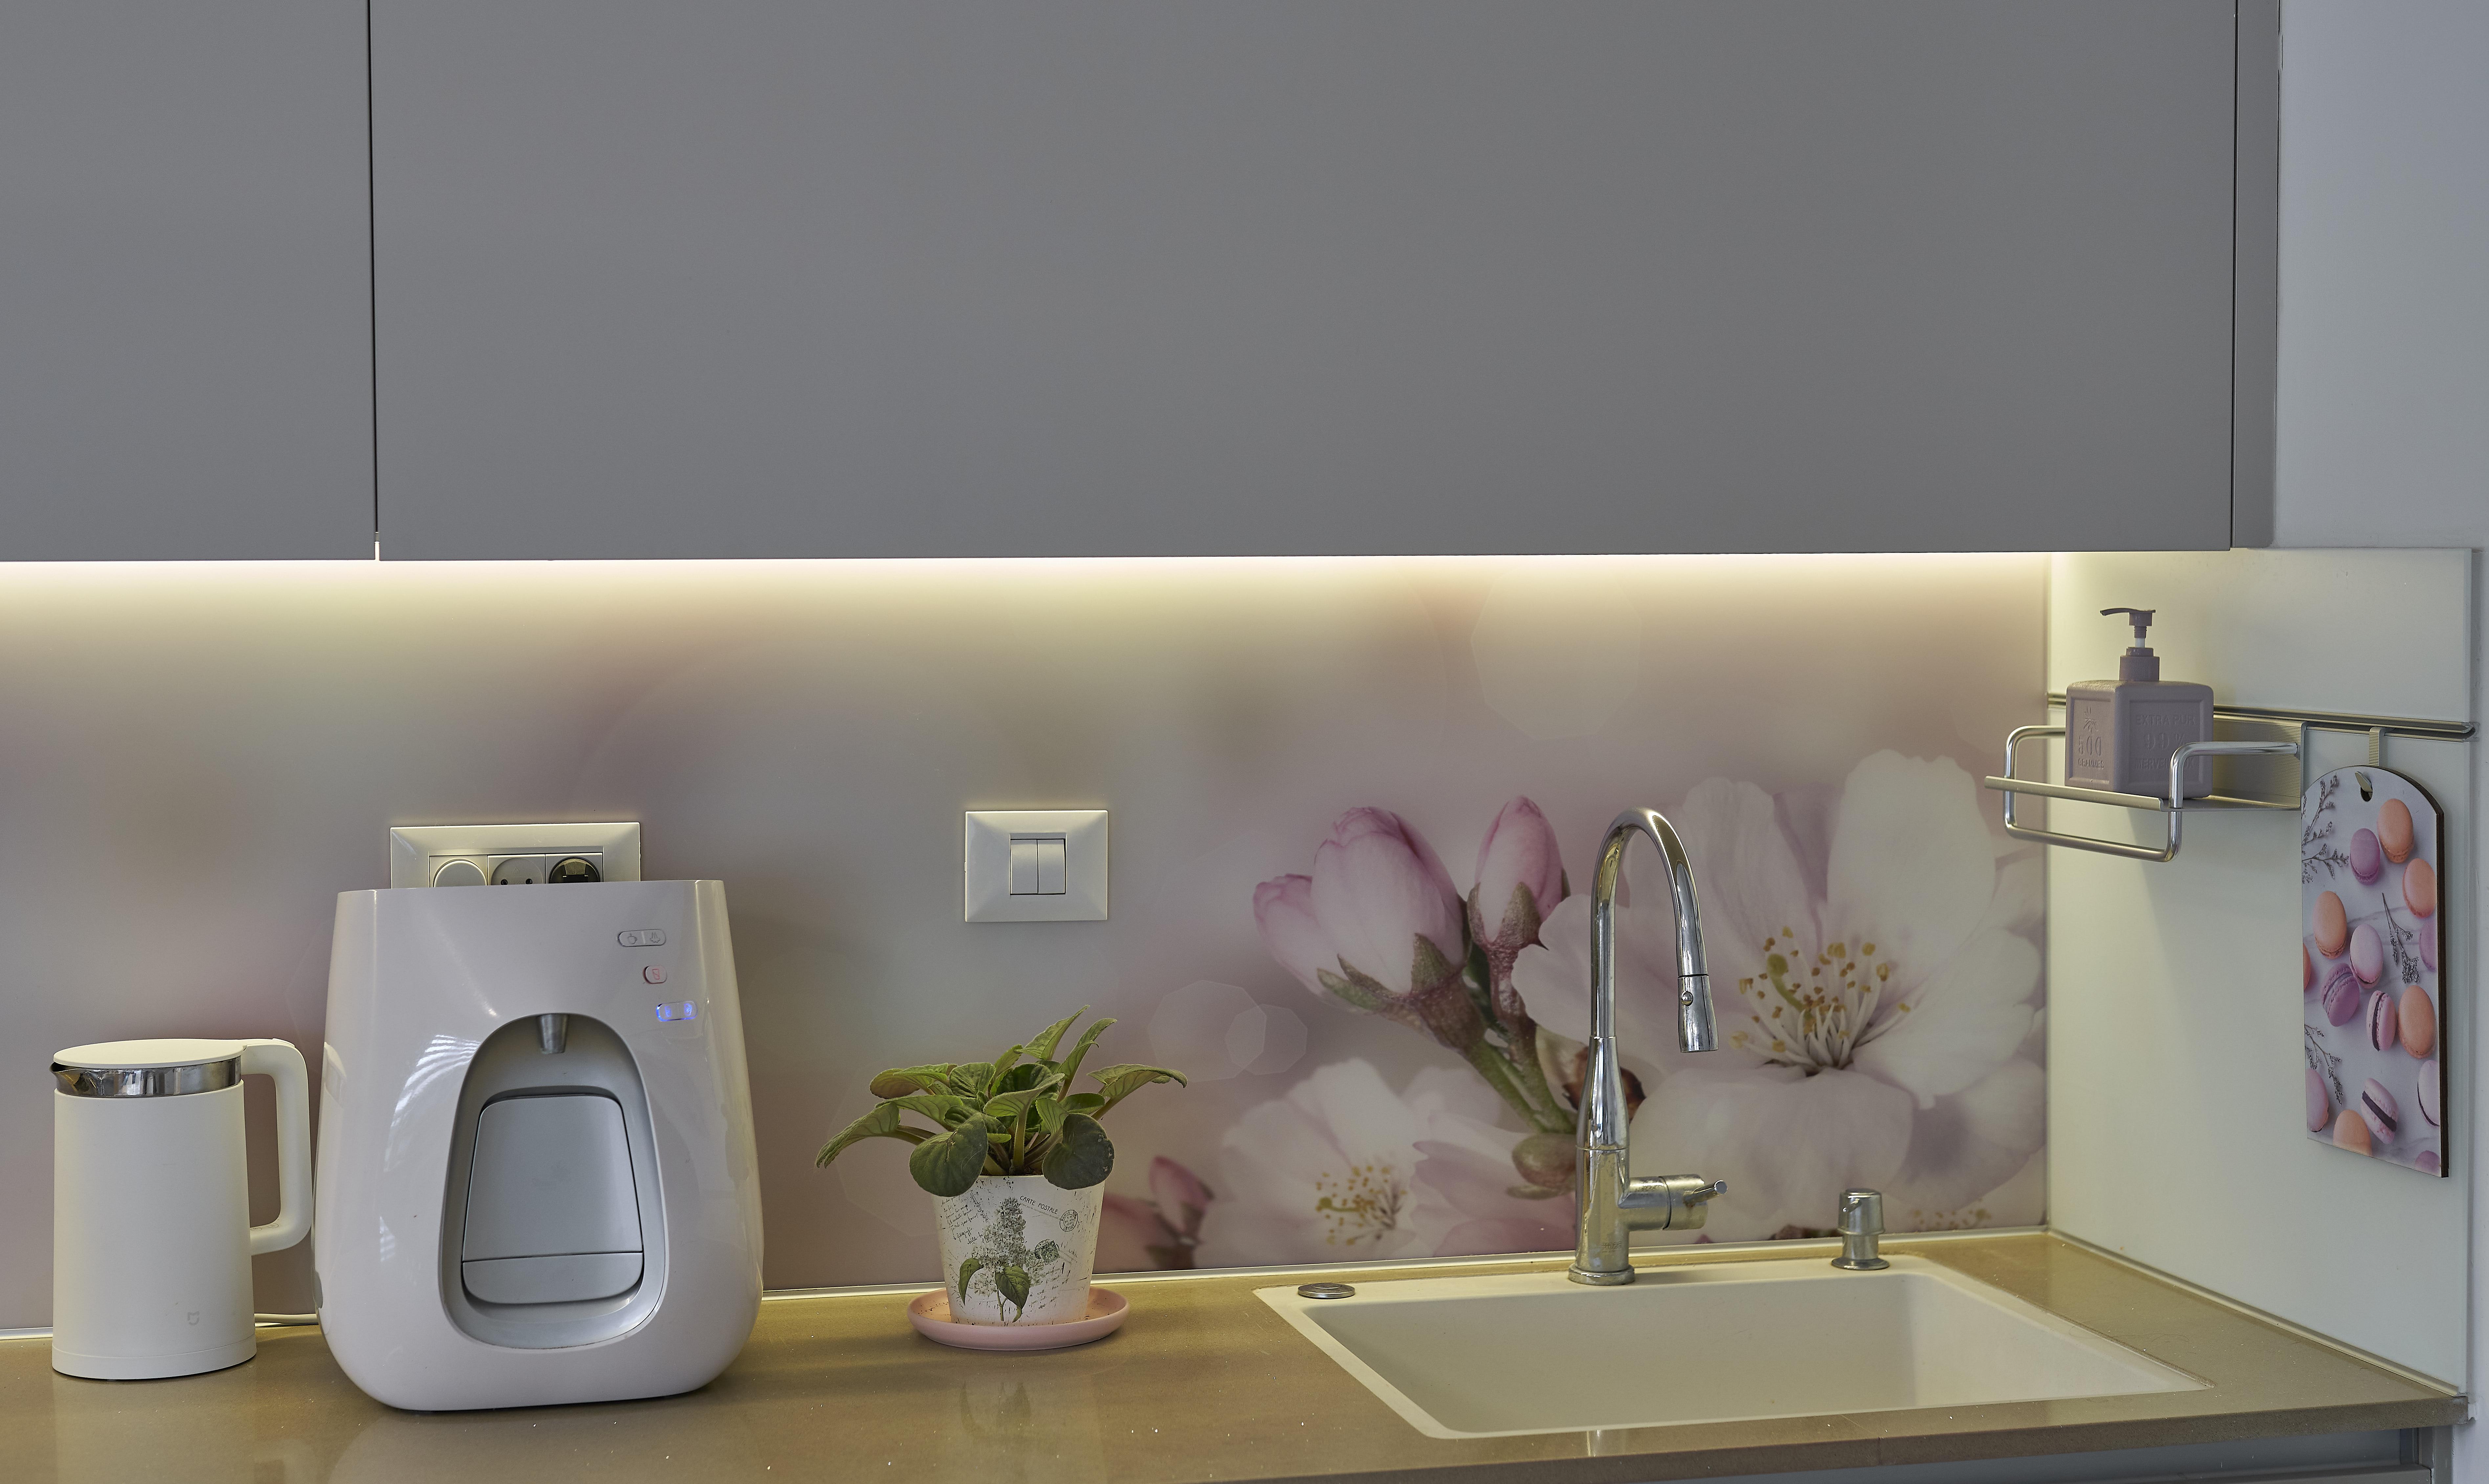 Glass cladding in kitchen design, חיפוי קיר בעיצוב מטבח